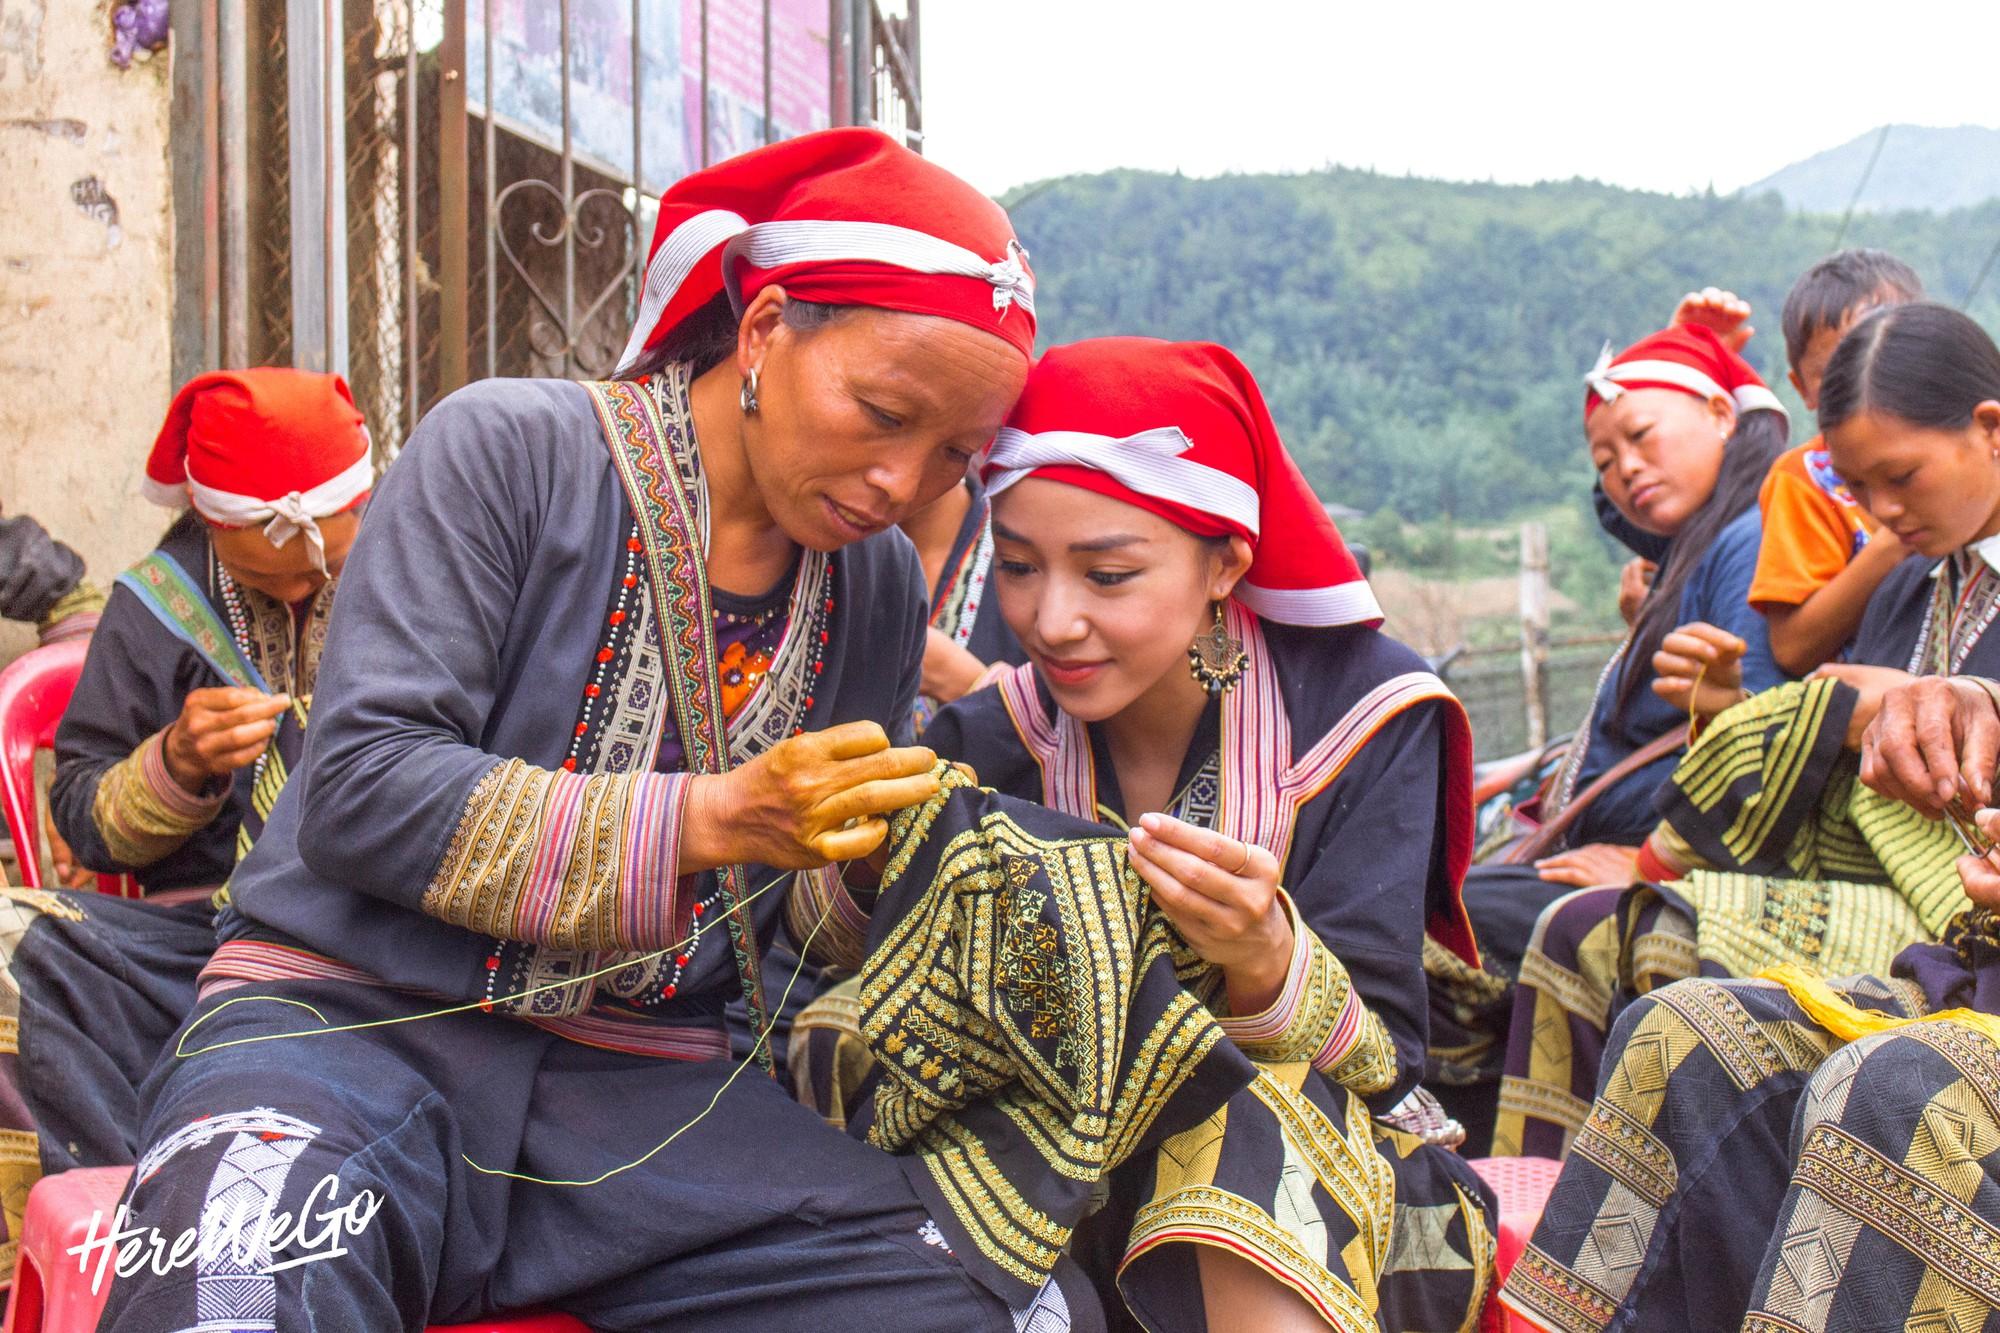 Hành trình Tây Bắc: Nhắm mắt lại, để cảm nhận nhiều hơn niềm hạnh phúc ở Tây Bắc - Ảnh 22.